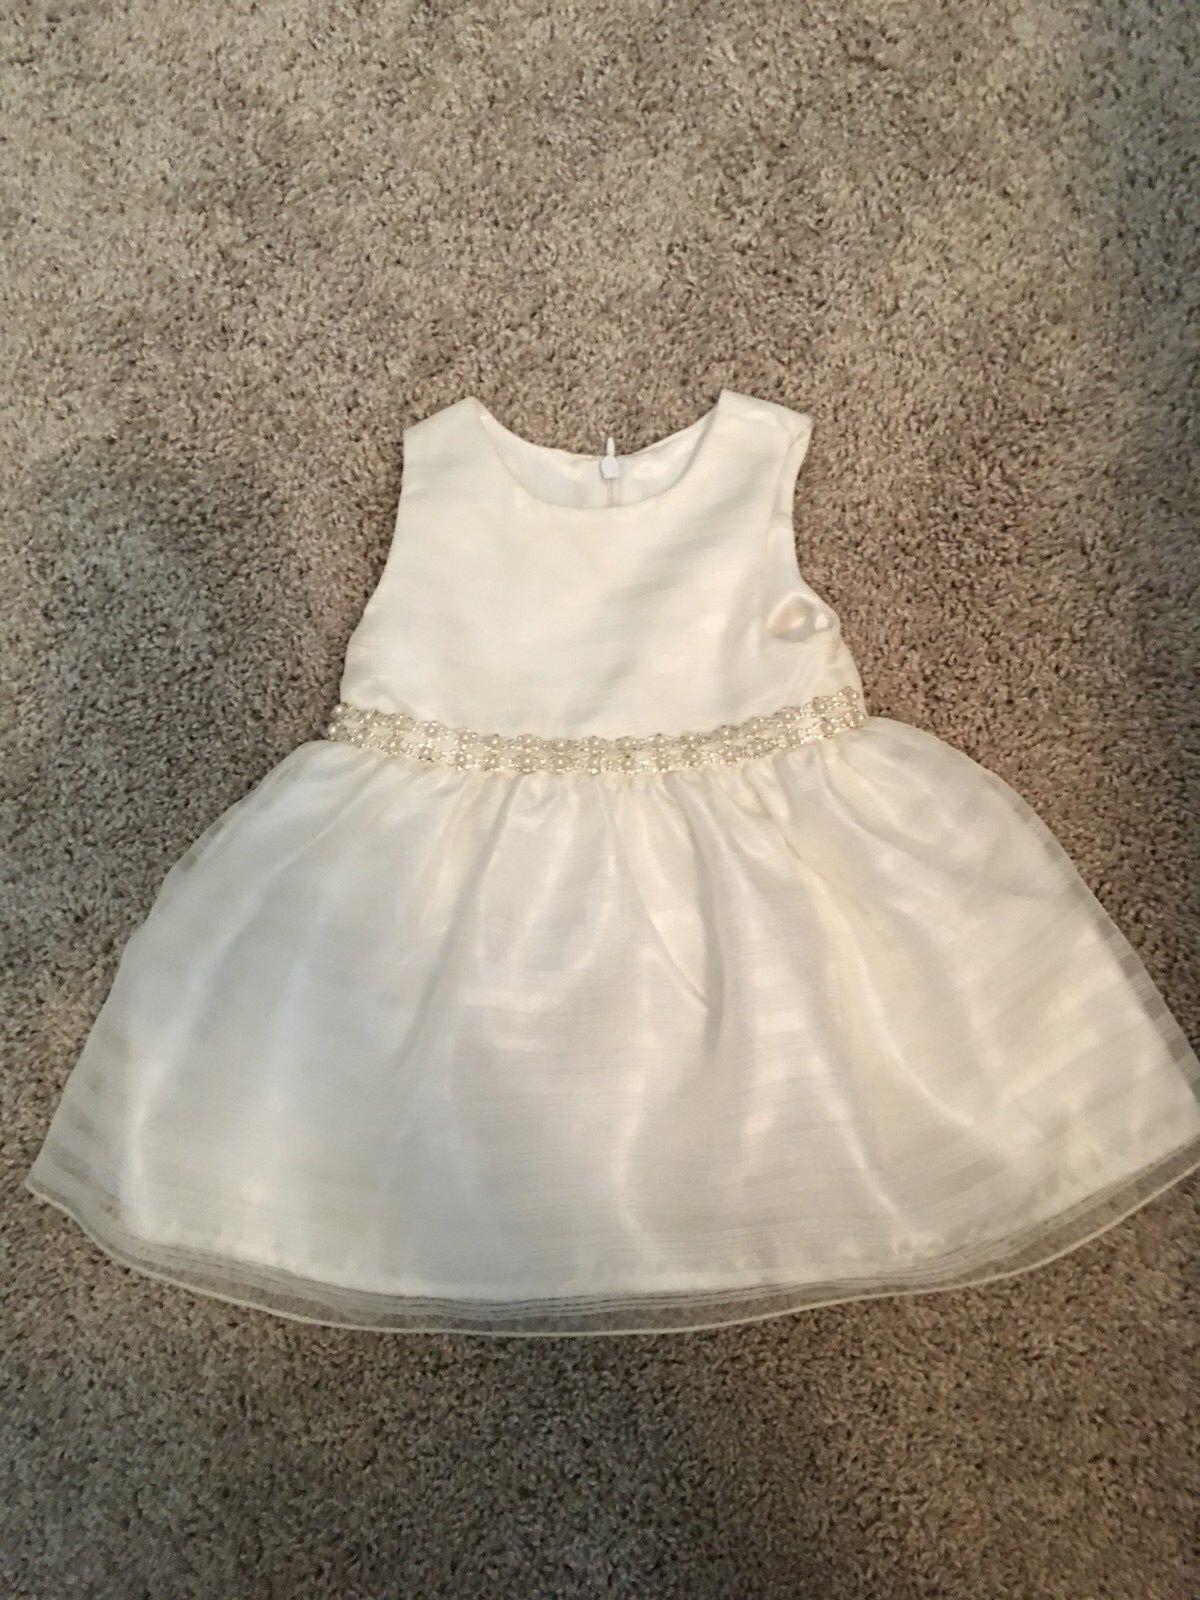 Baby Girl Flower Girl Dress - Ivory- Size 12M